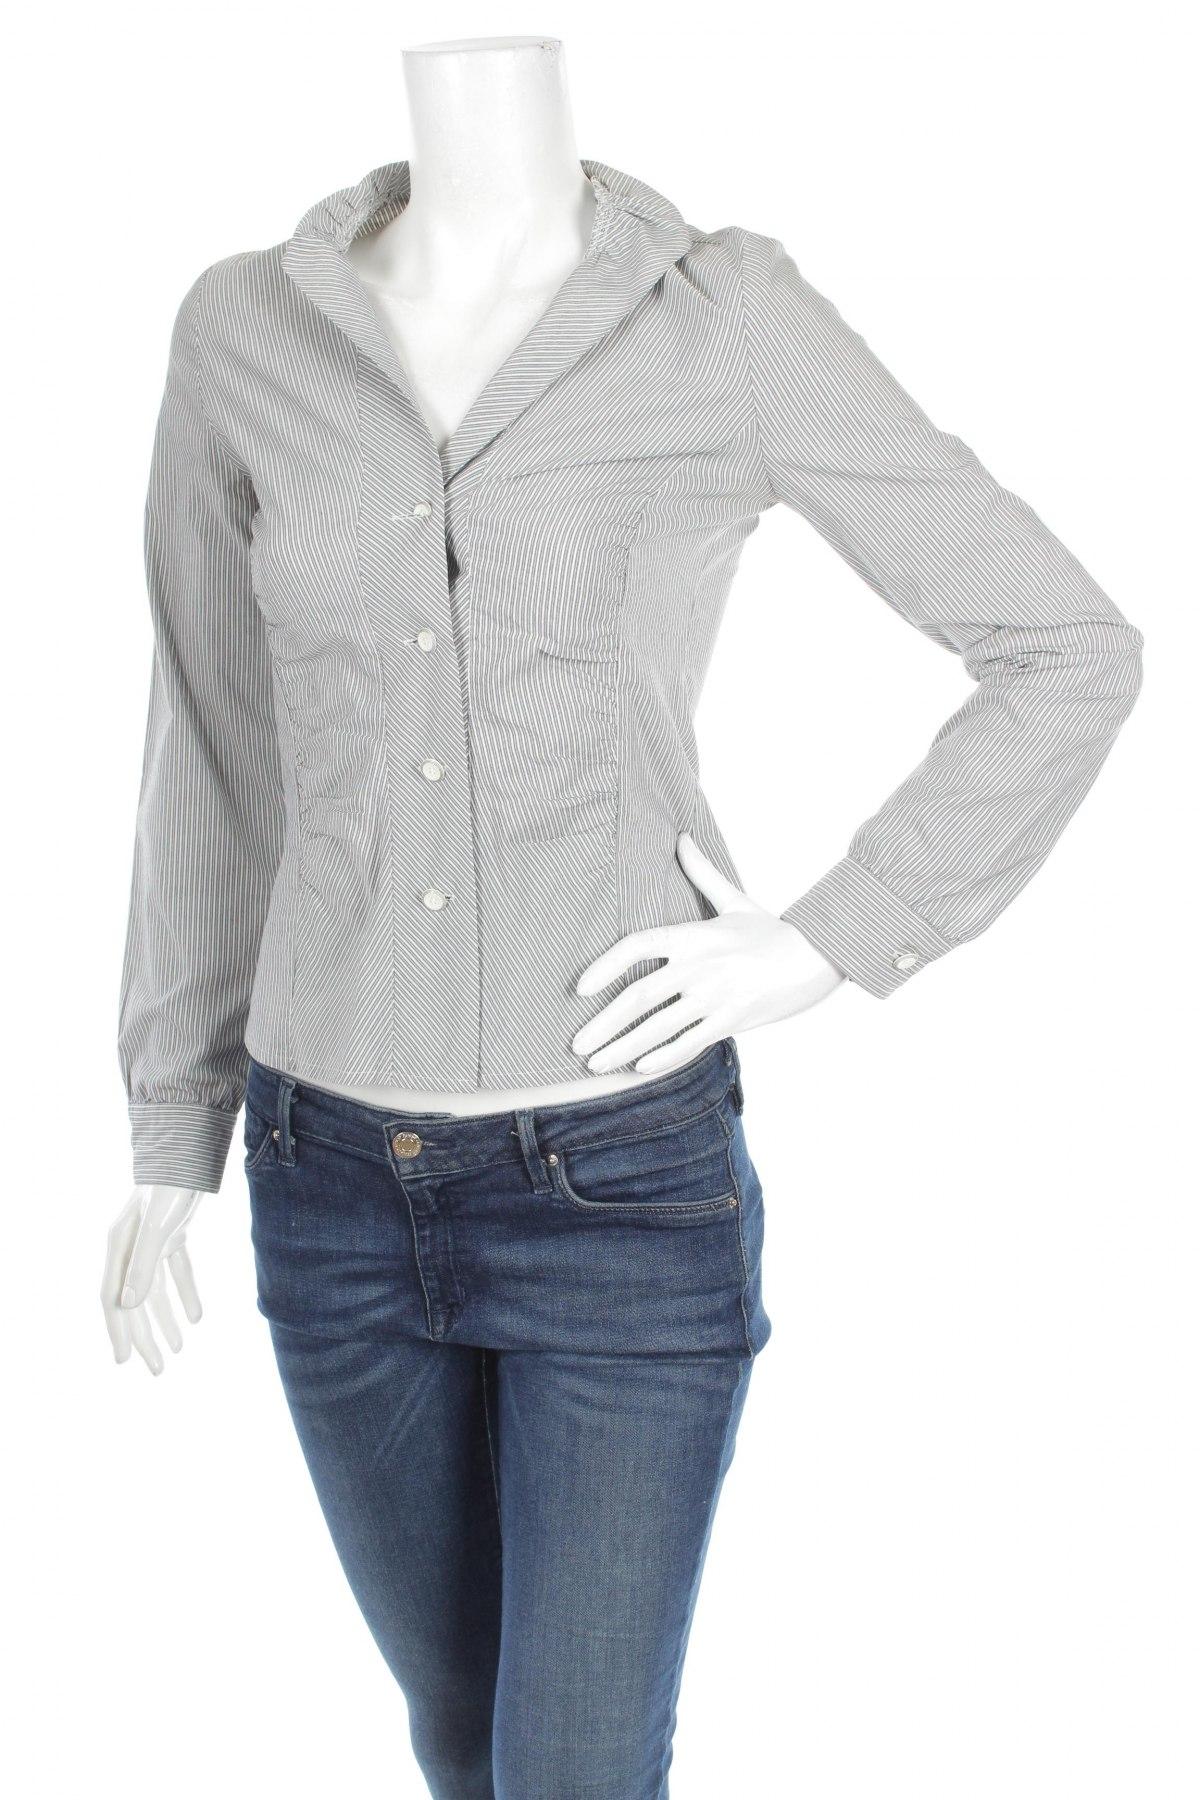 Γυναικείο πουκάμισο Ariston S